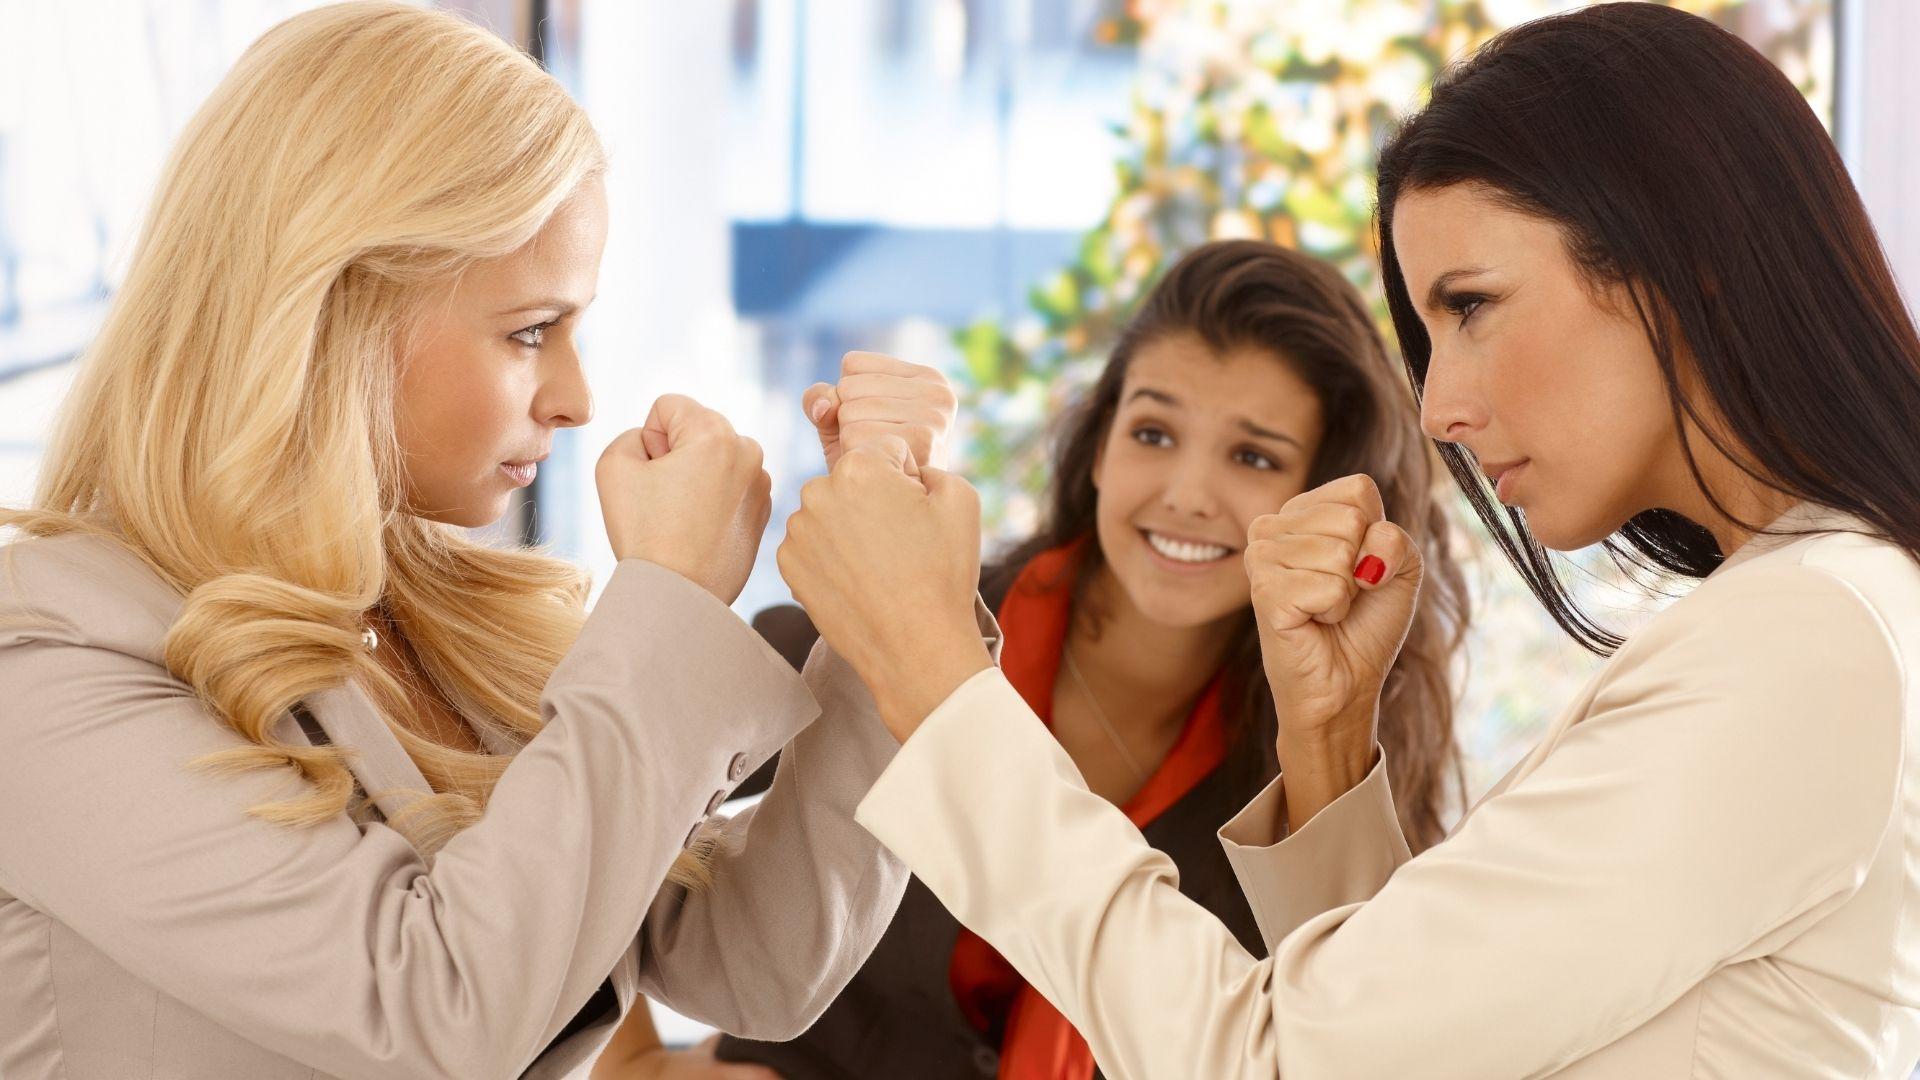 Методические основы взаимодействия участников образовательного процесса в школе